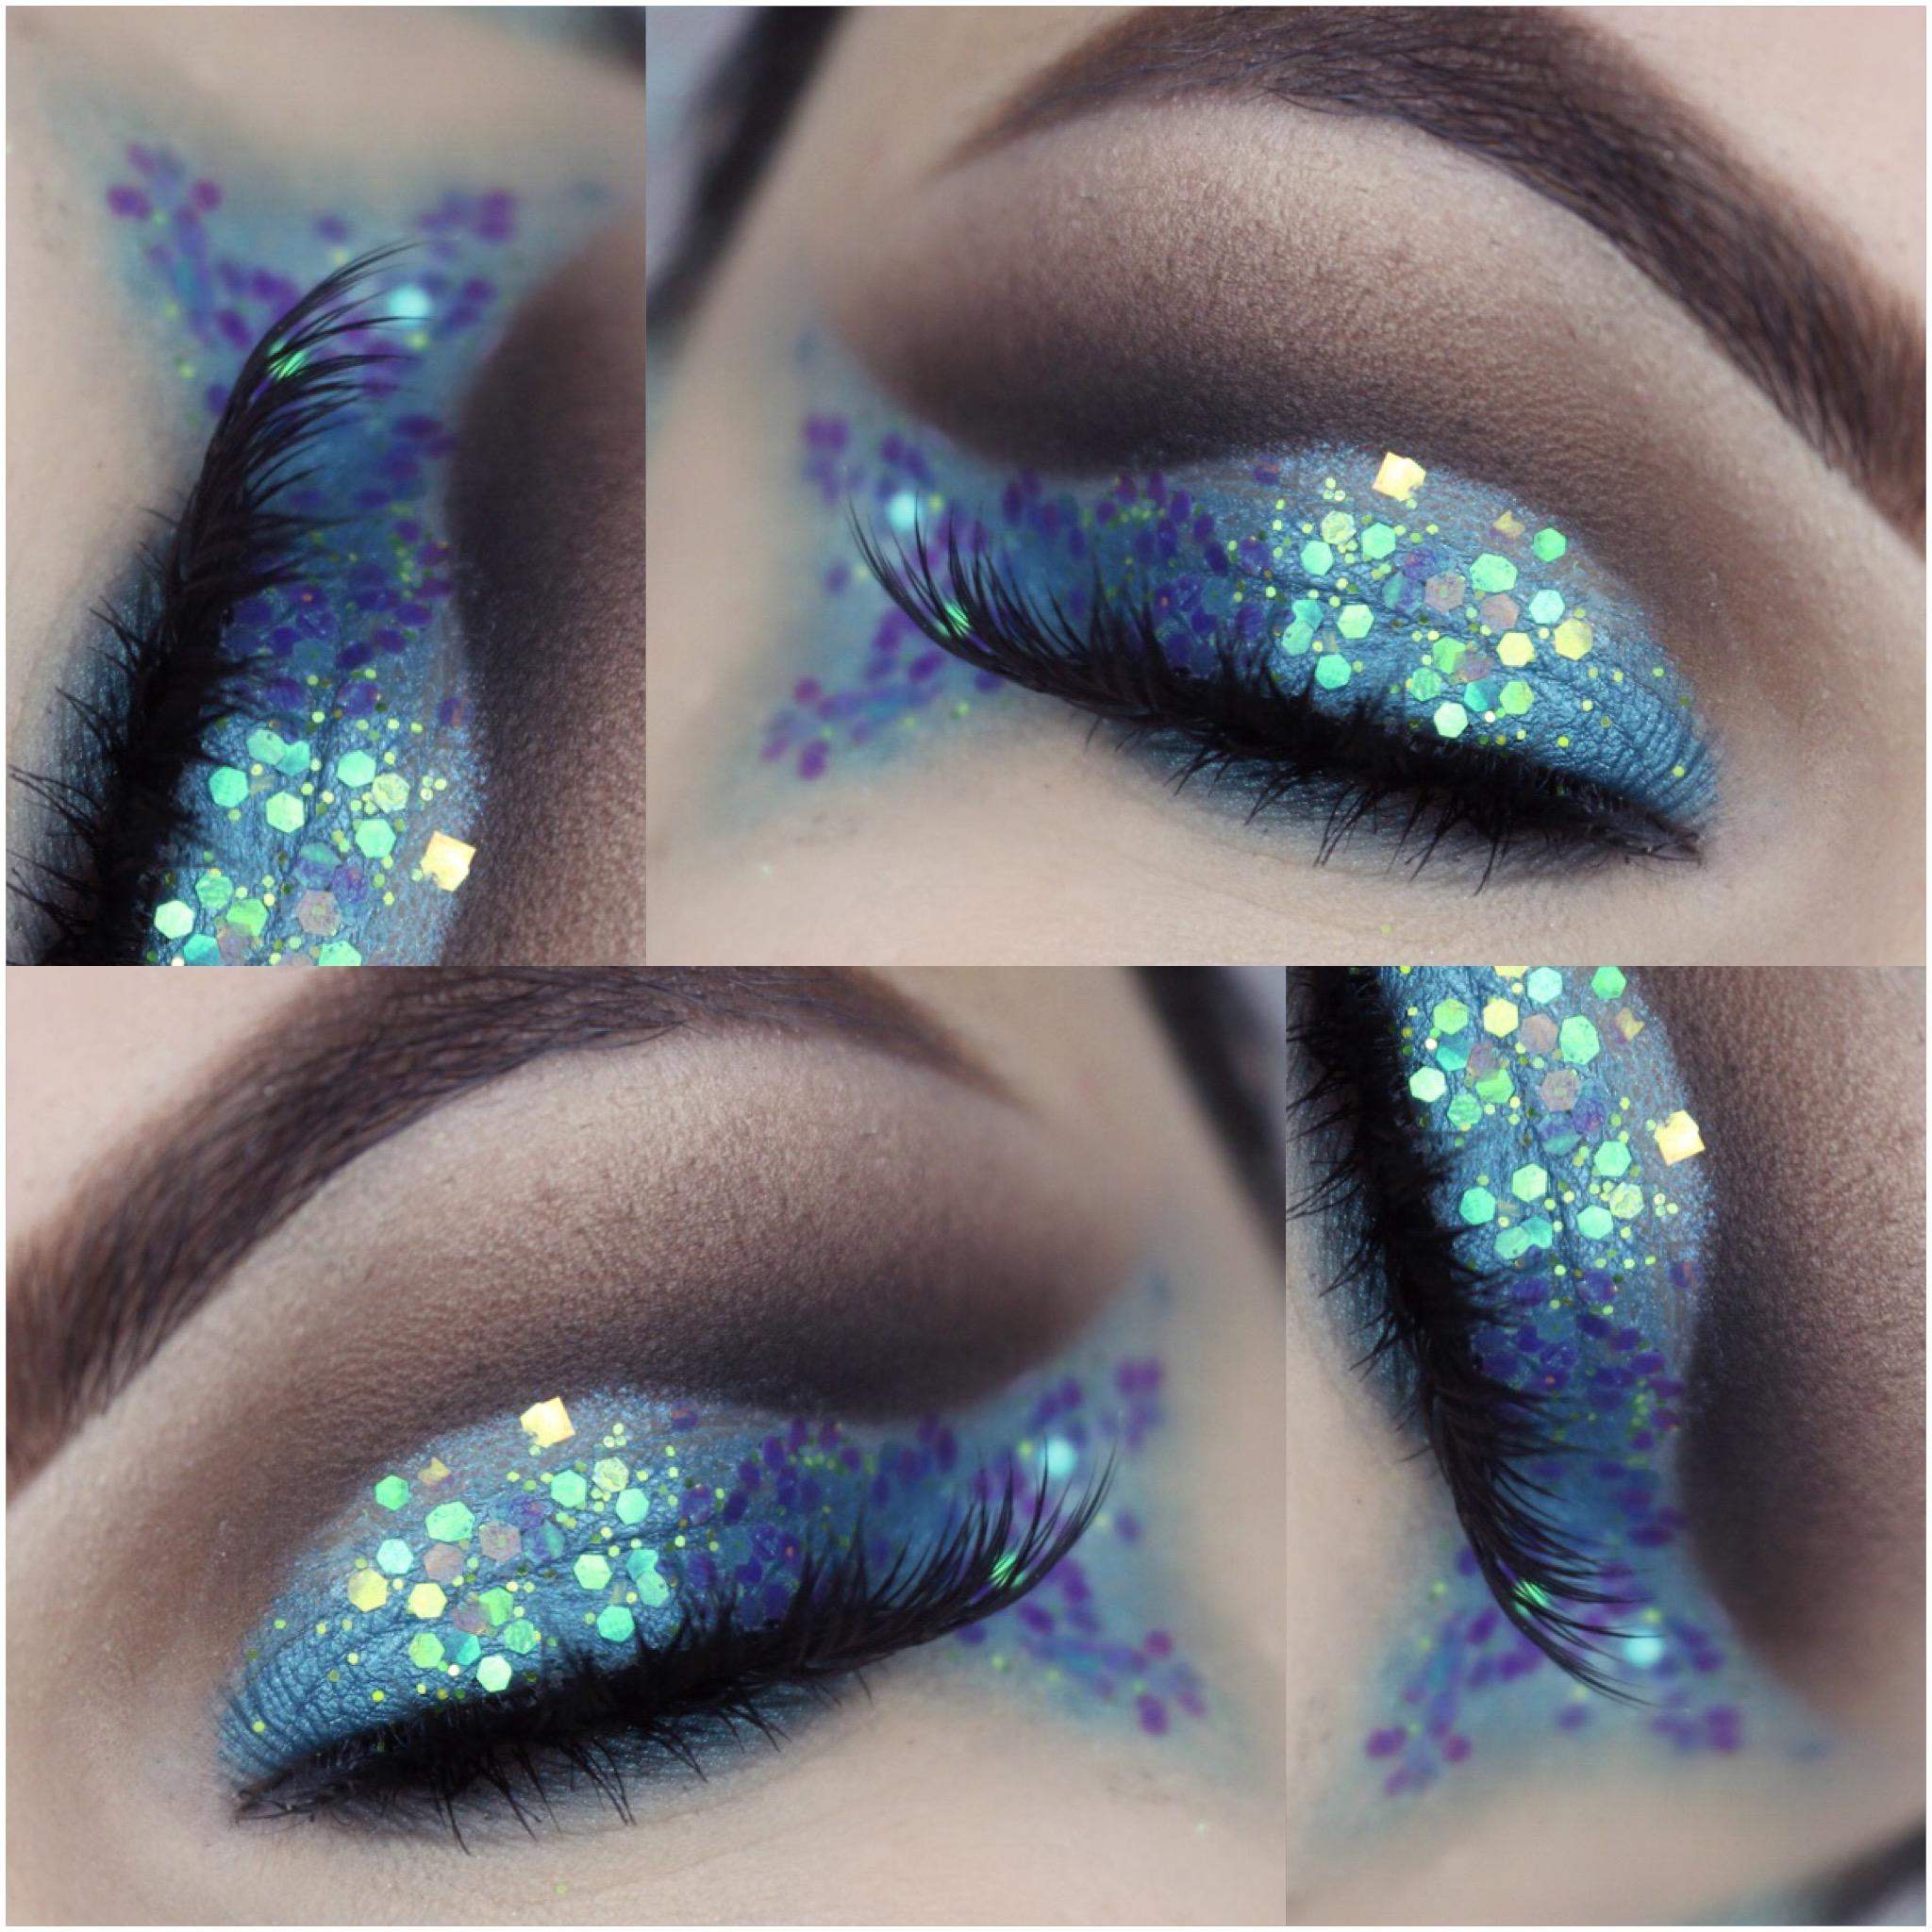 mermaid-makeup-maquiagem-sereia-sereismo